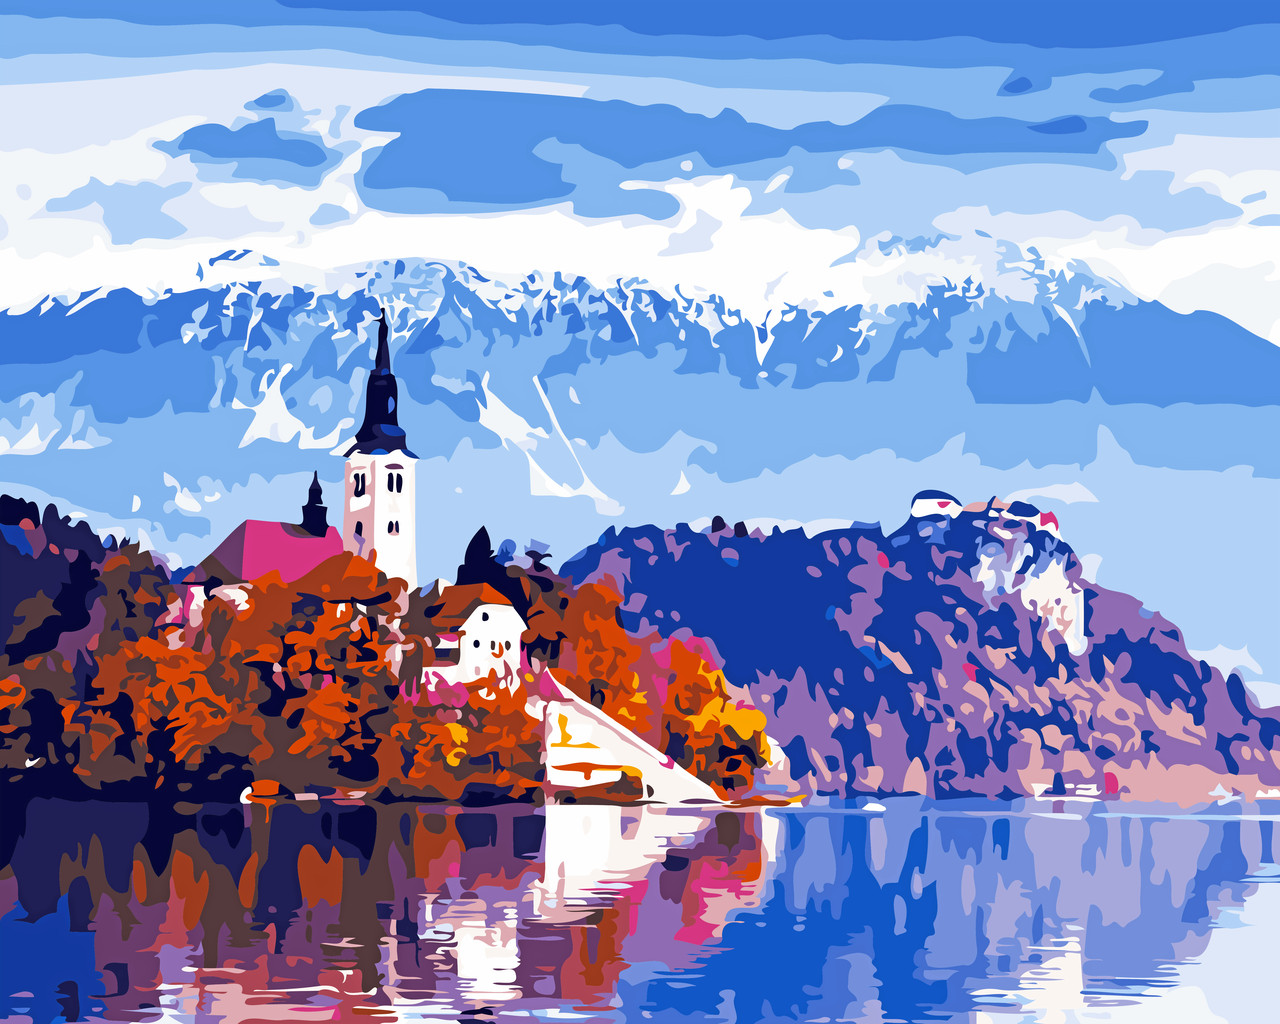 Художественный творческий набор, картина по номерам Красота Австрии, 50x40 см, «Art Story» (AS0538)